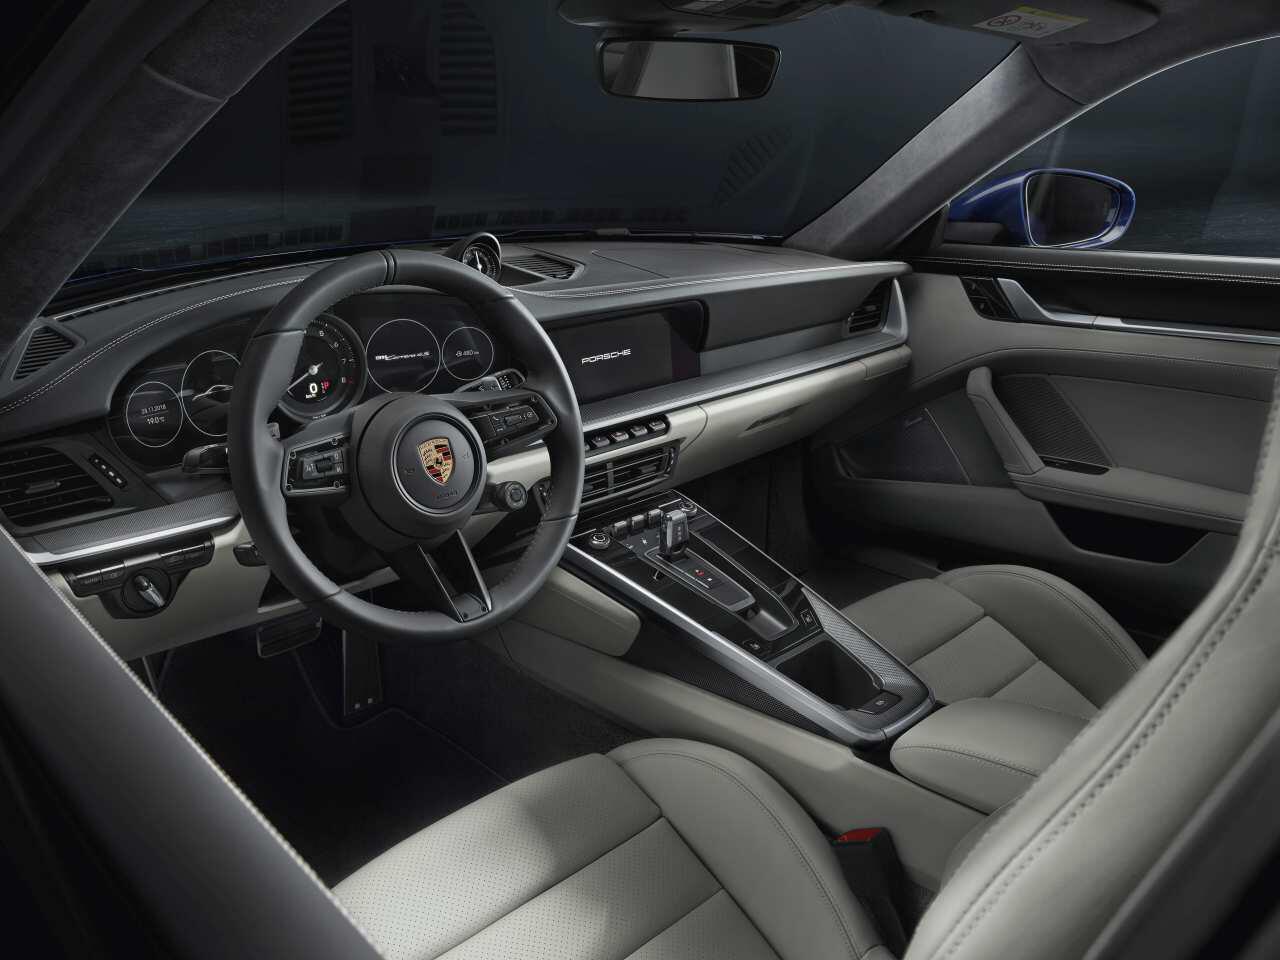 Bild zu Porsche 911 922 Interieur